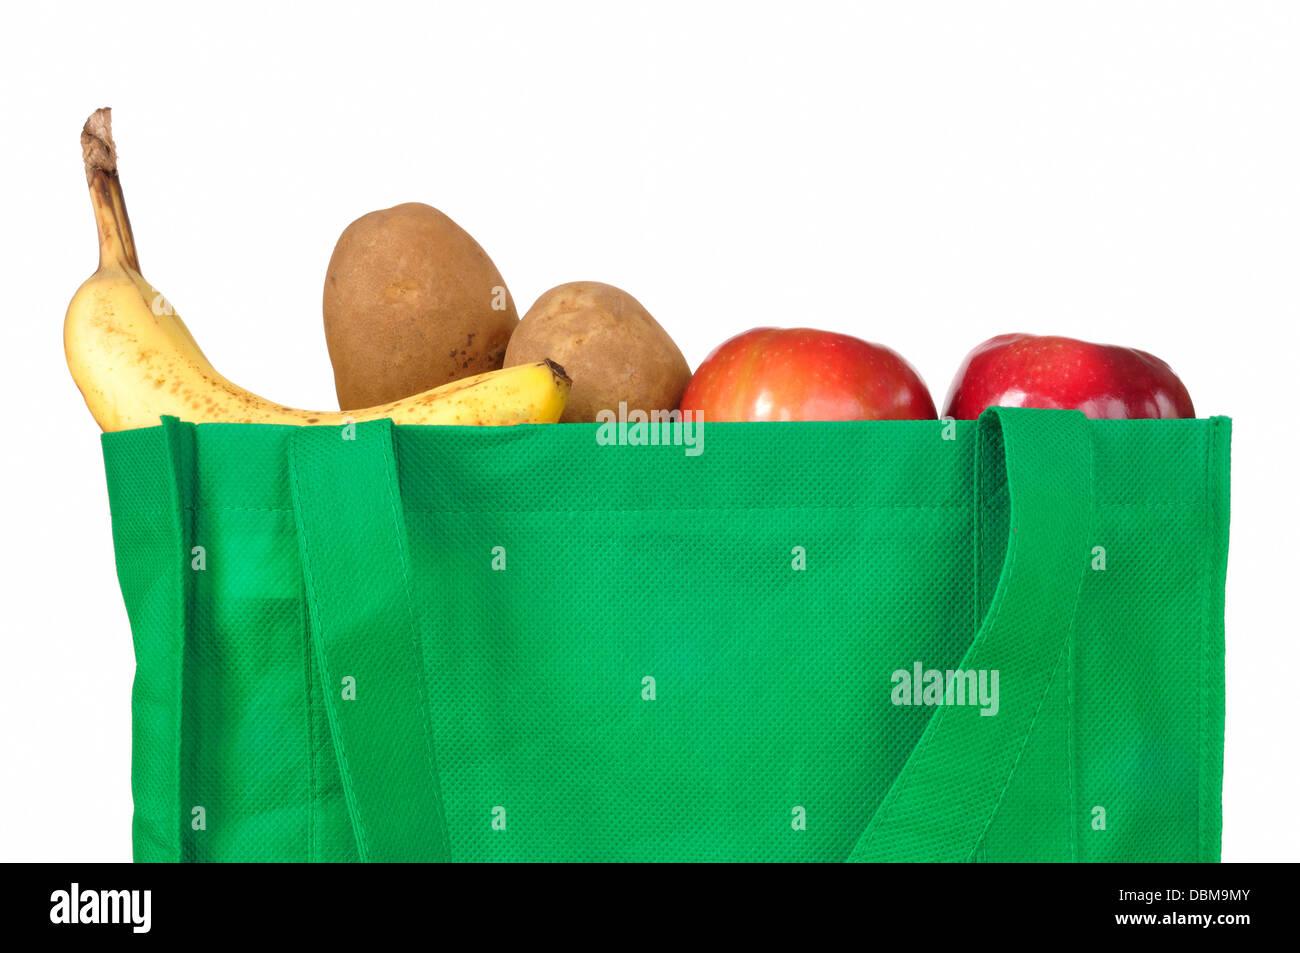 Sac shopping avec des fruits et légumes Photo Stock